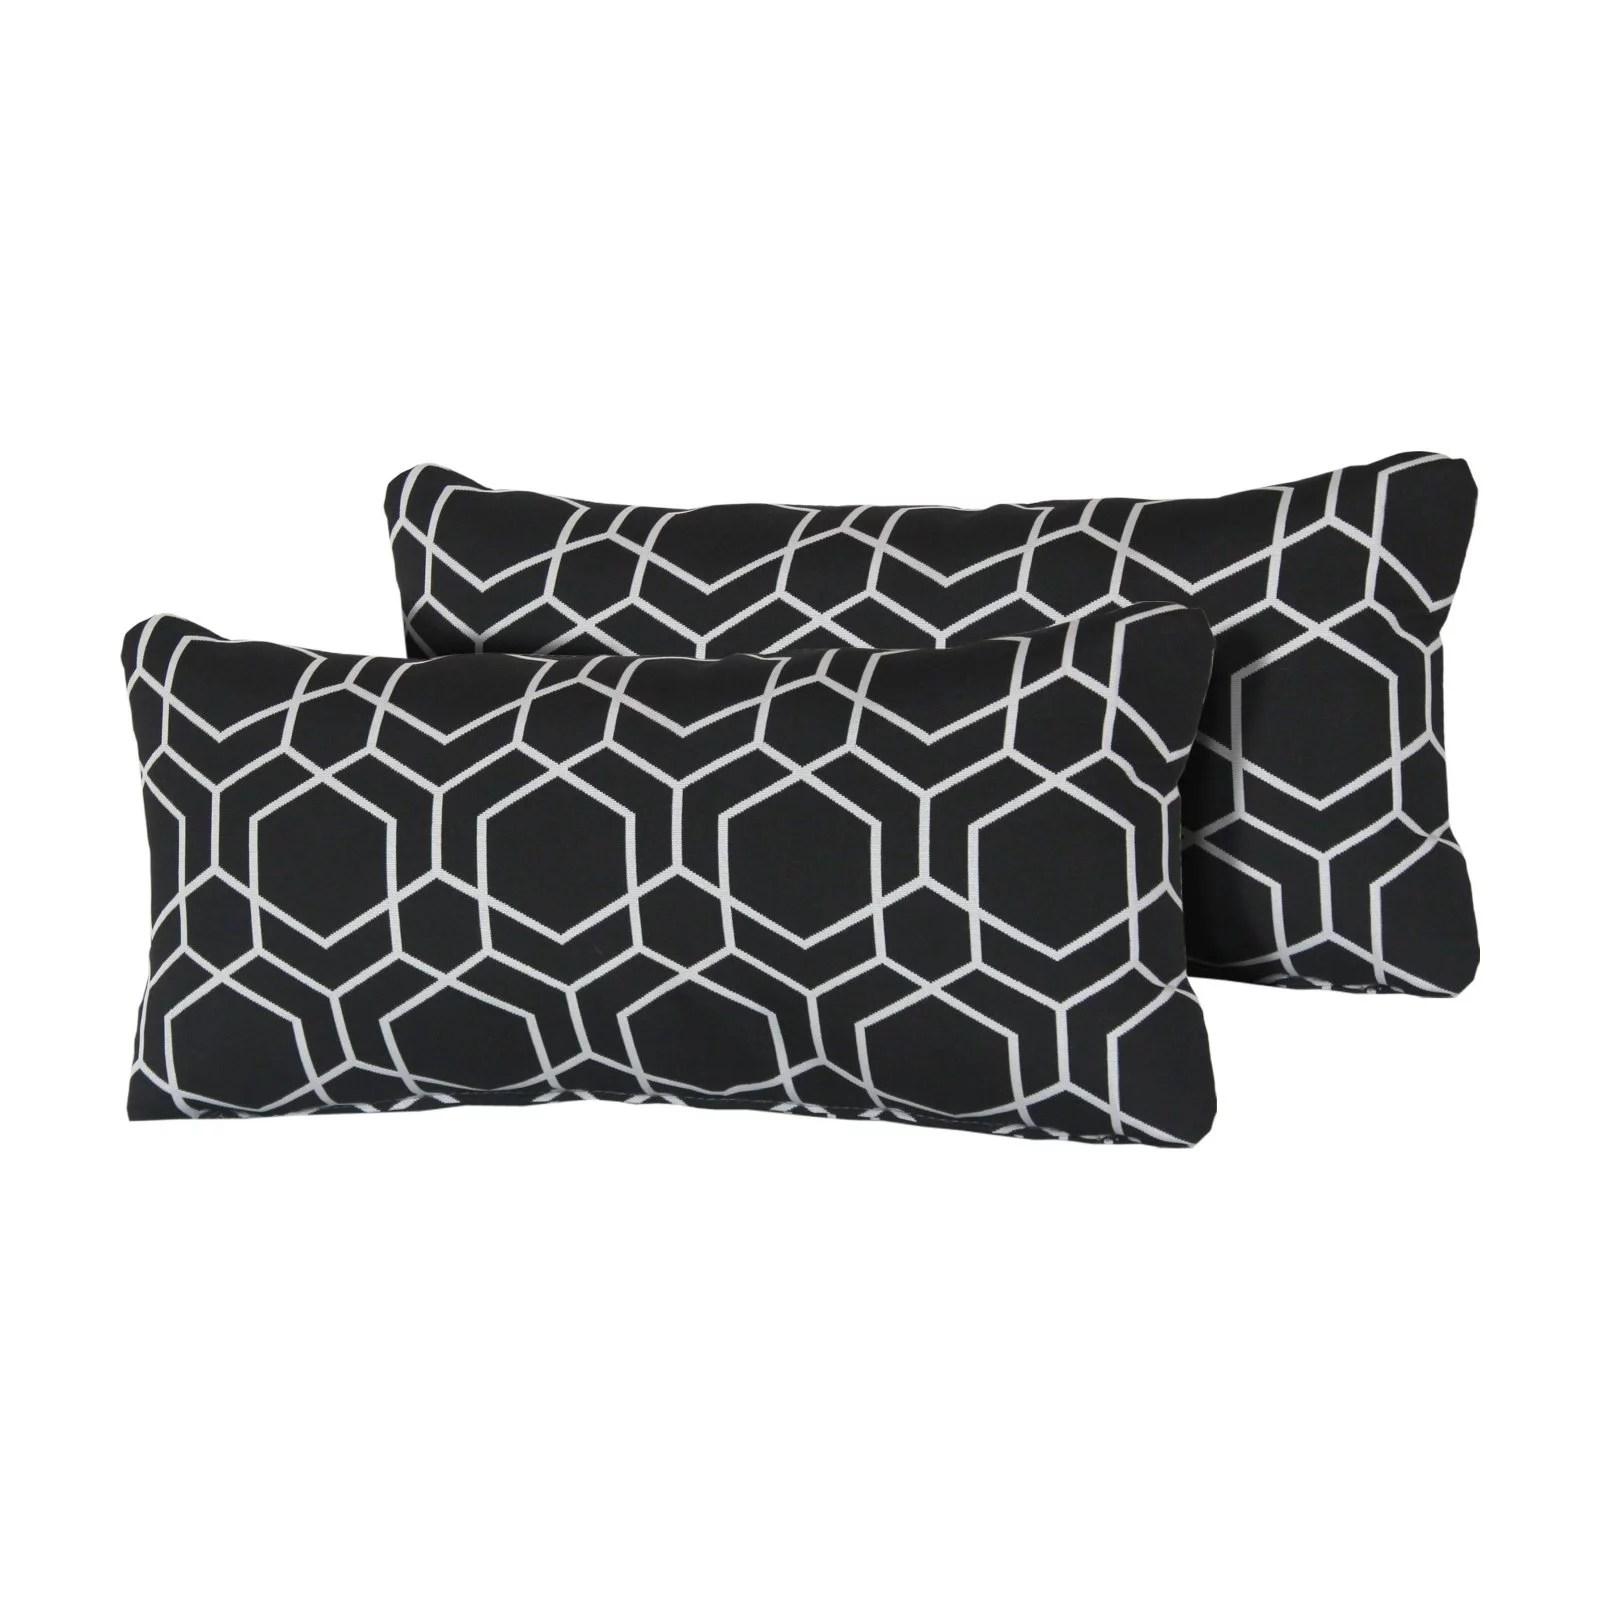 tk classics black hexagon 22 x 11 in outdoor throw pillow set of 2